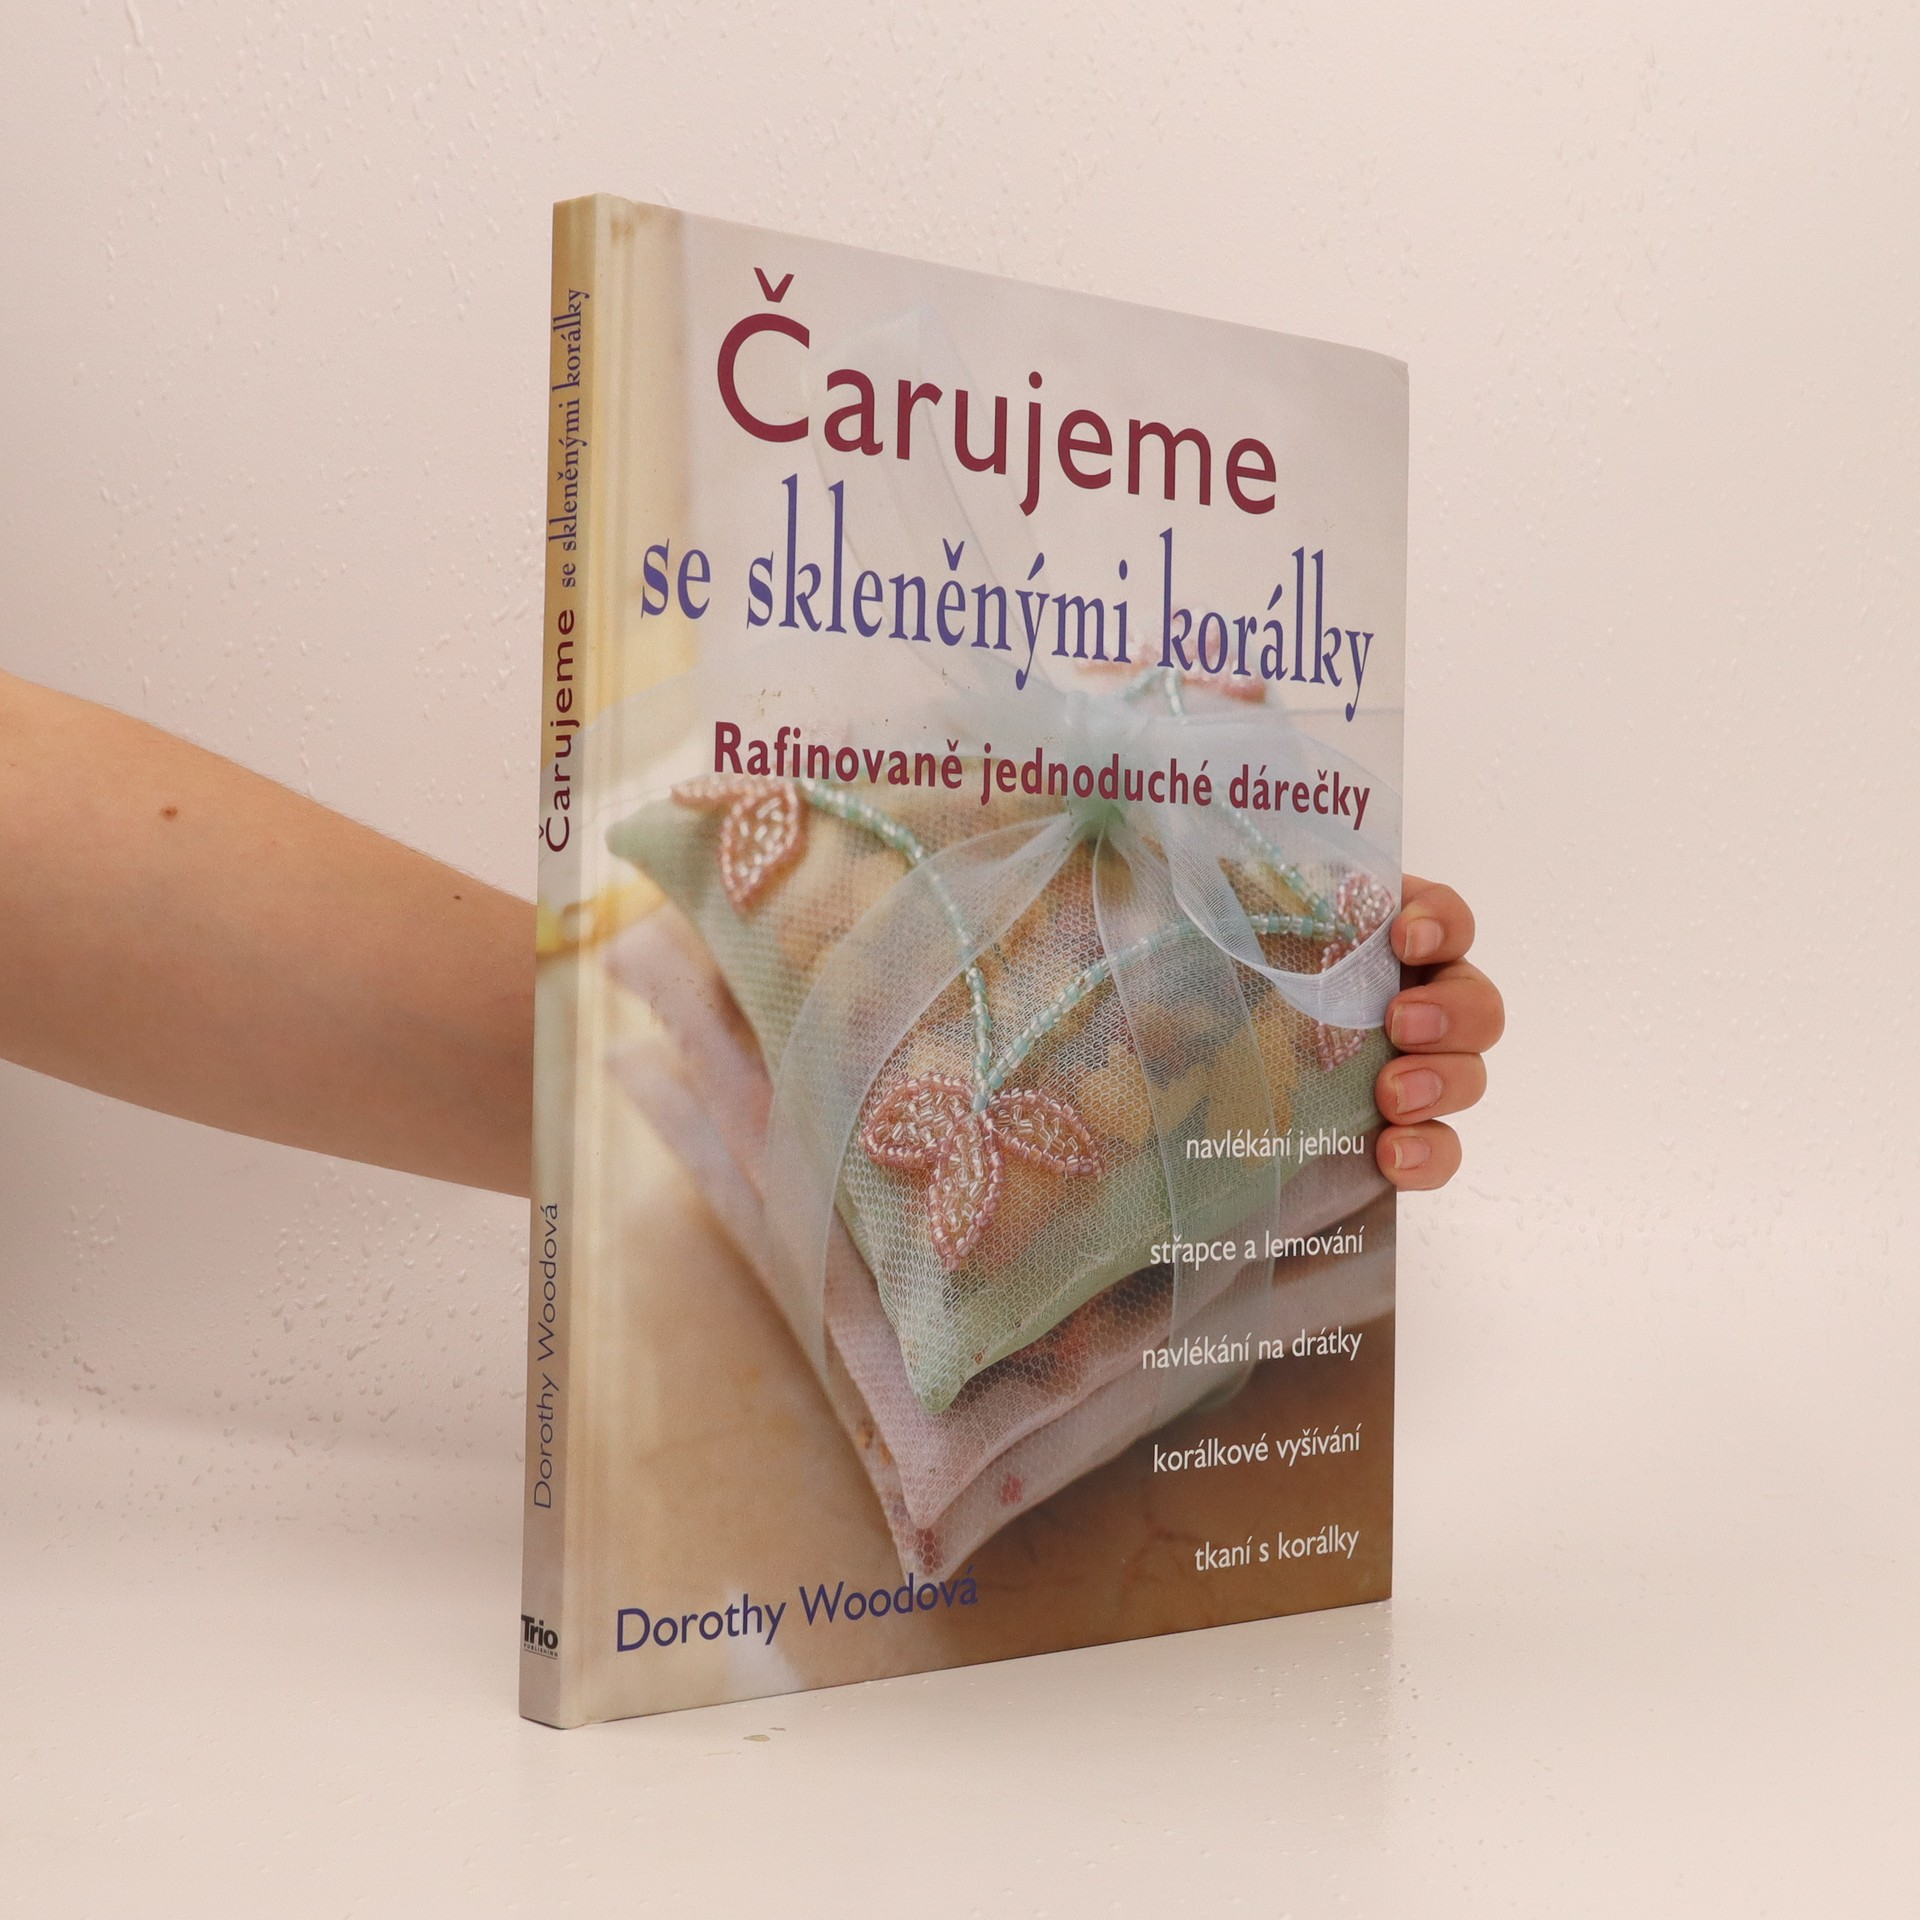 antikvární kniha Čarujeme se skleněnými korálky, 2004